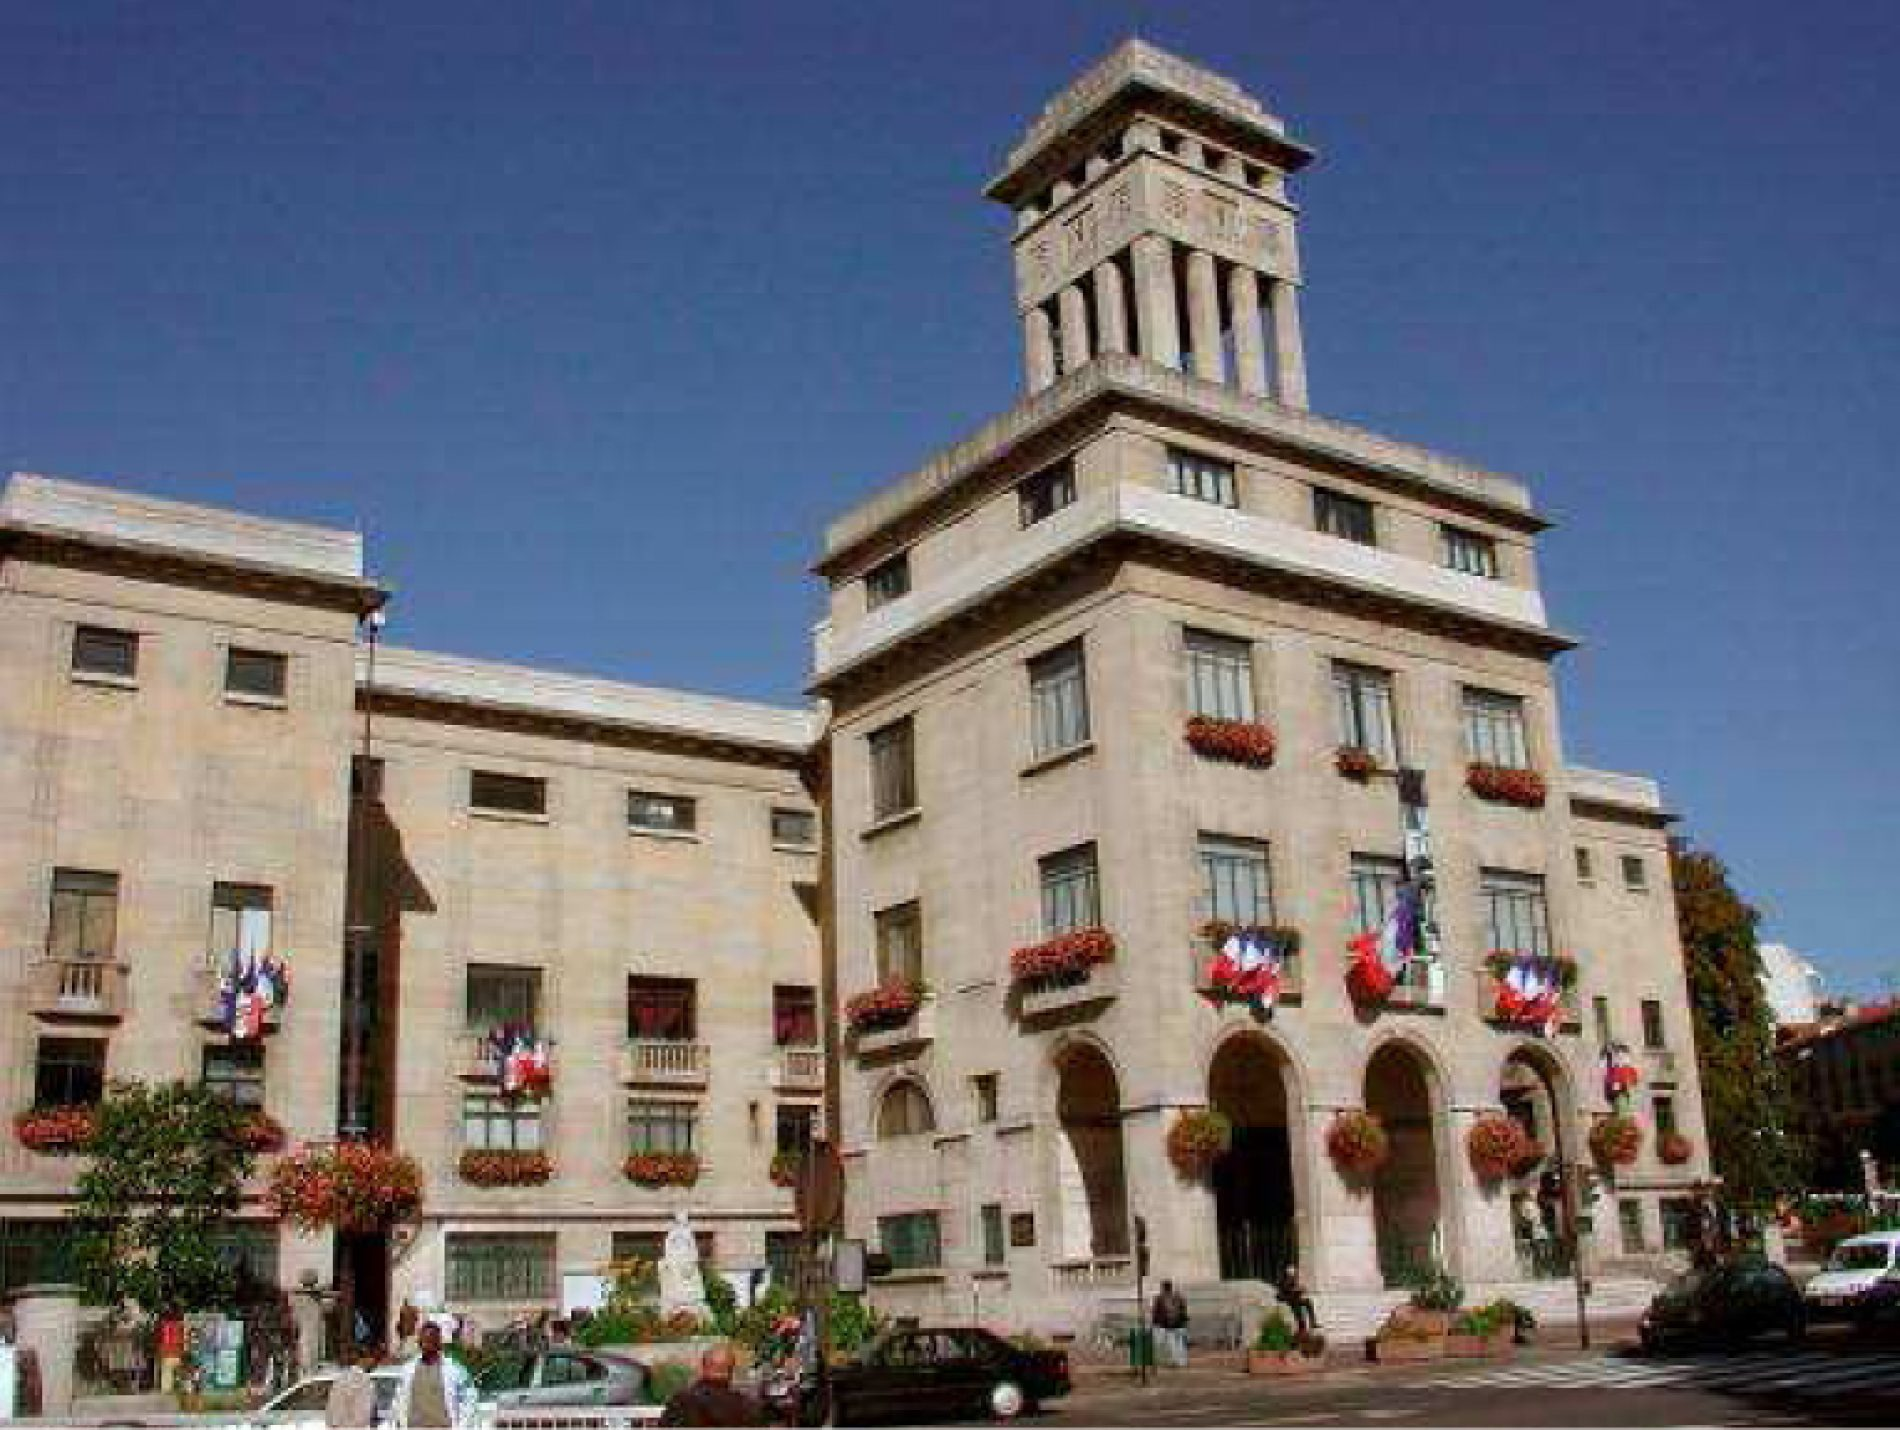 France – Mairie de Montreuil : 6 agents portent plaintes pour harcèlement morale